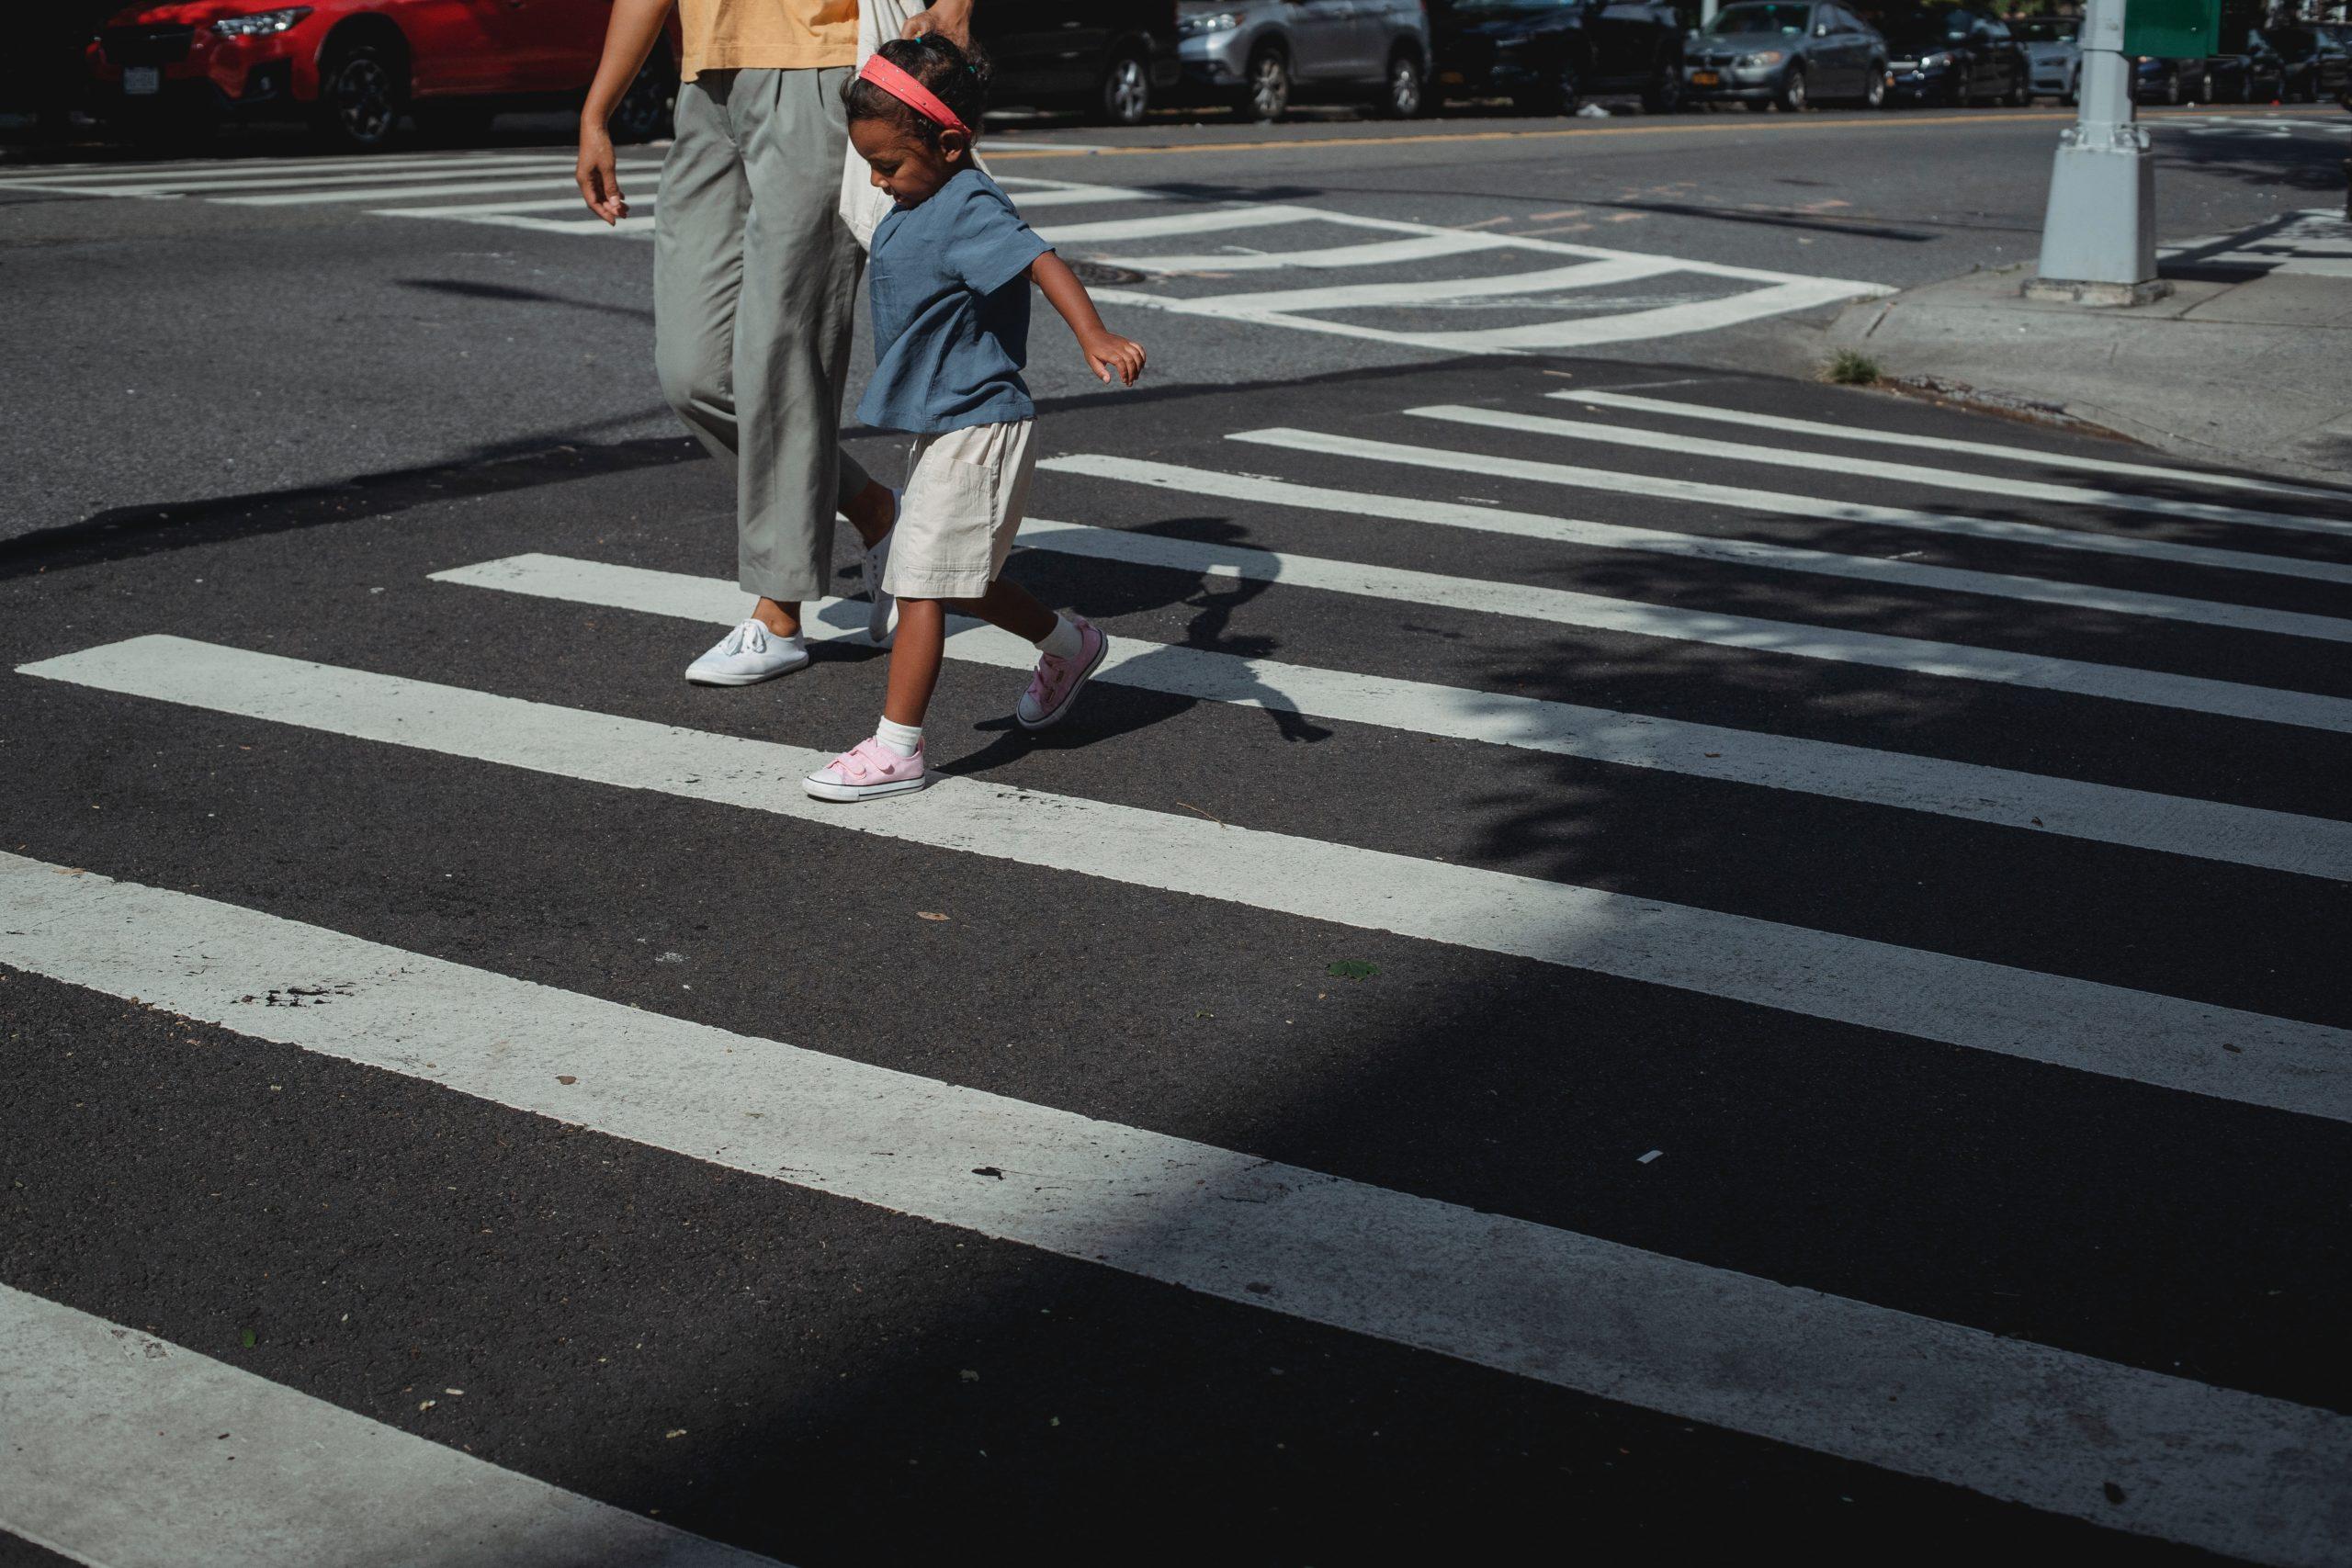 Rad steht – Kind geht – eigentlich ganz einfach, oder?